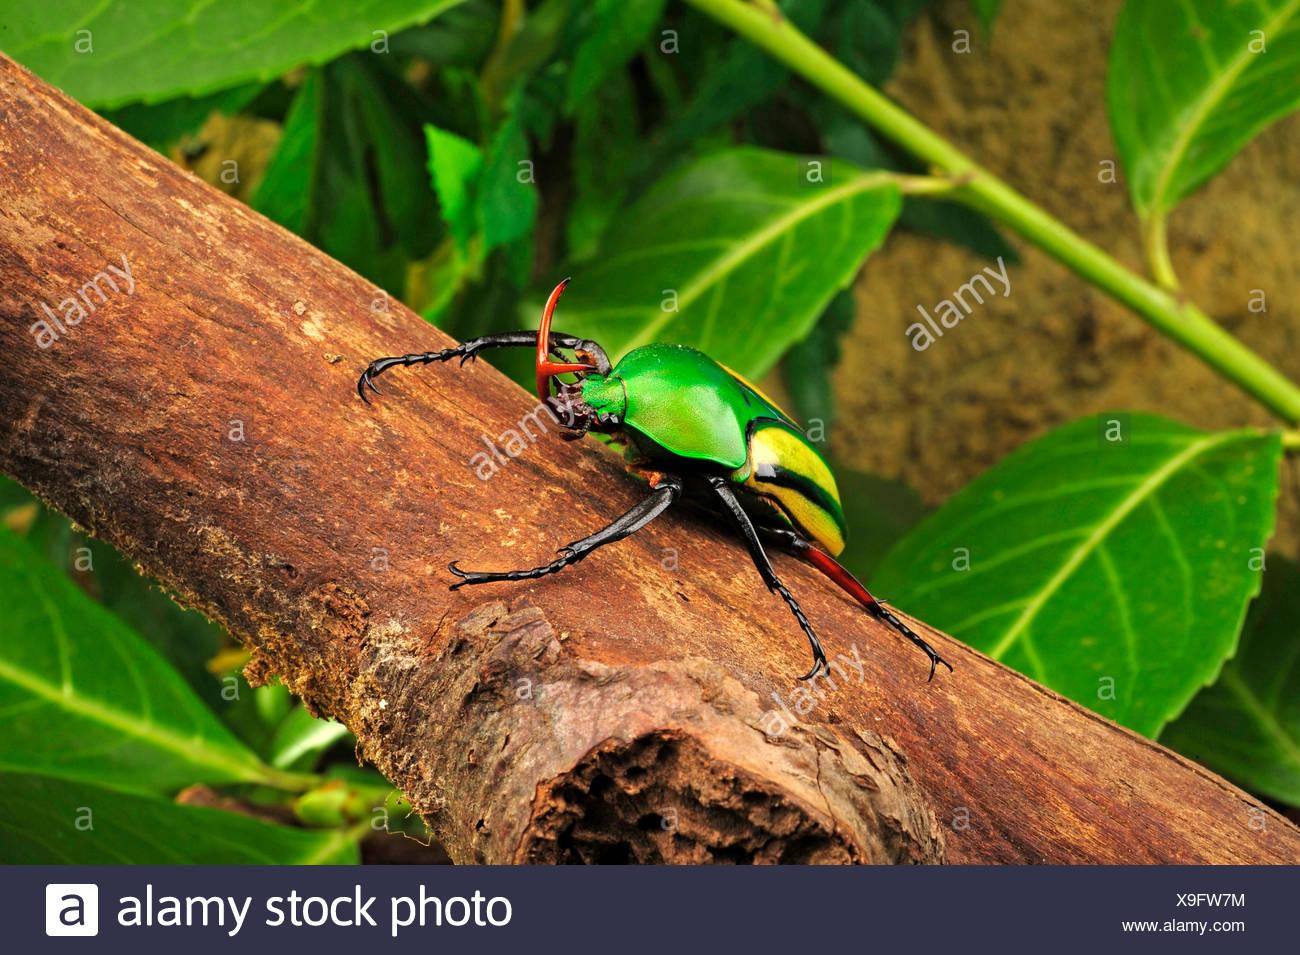 rose beetle; rose chafer (Eudicella gralli umbrovittata), on a branch, Kenya - Stock Image